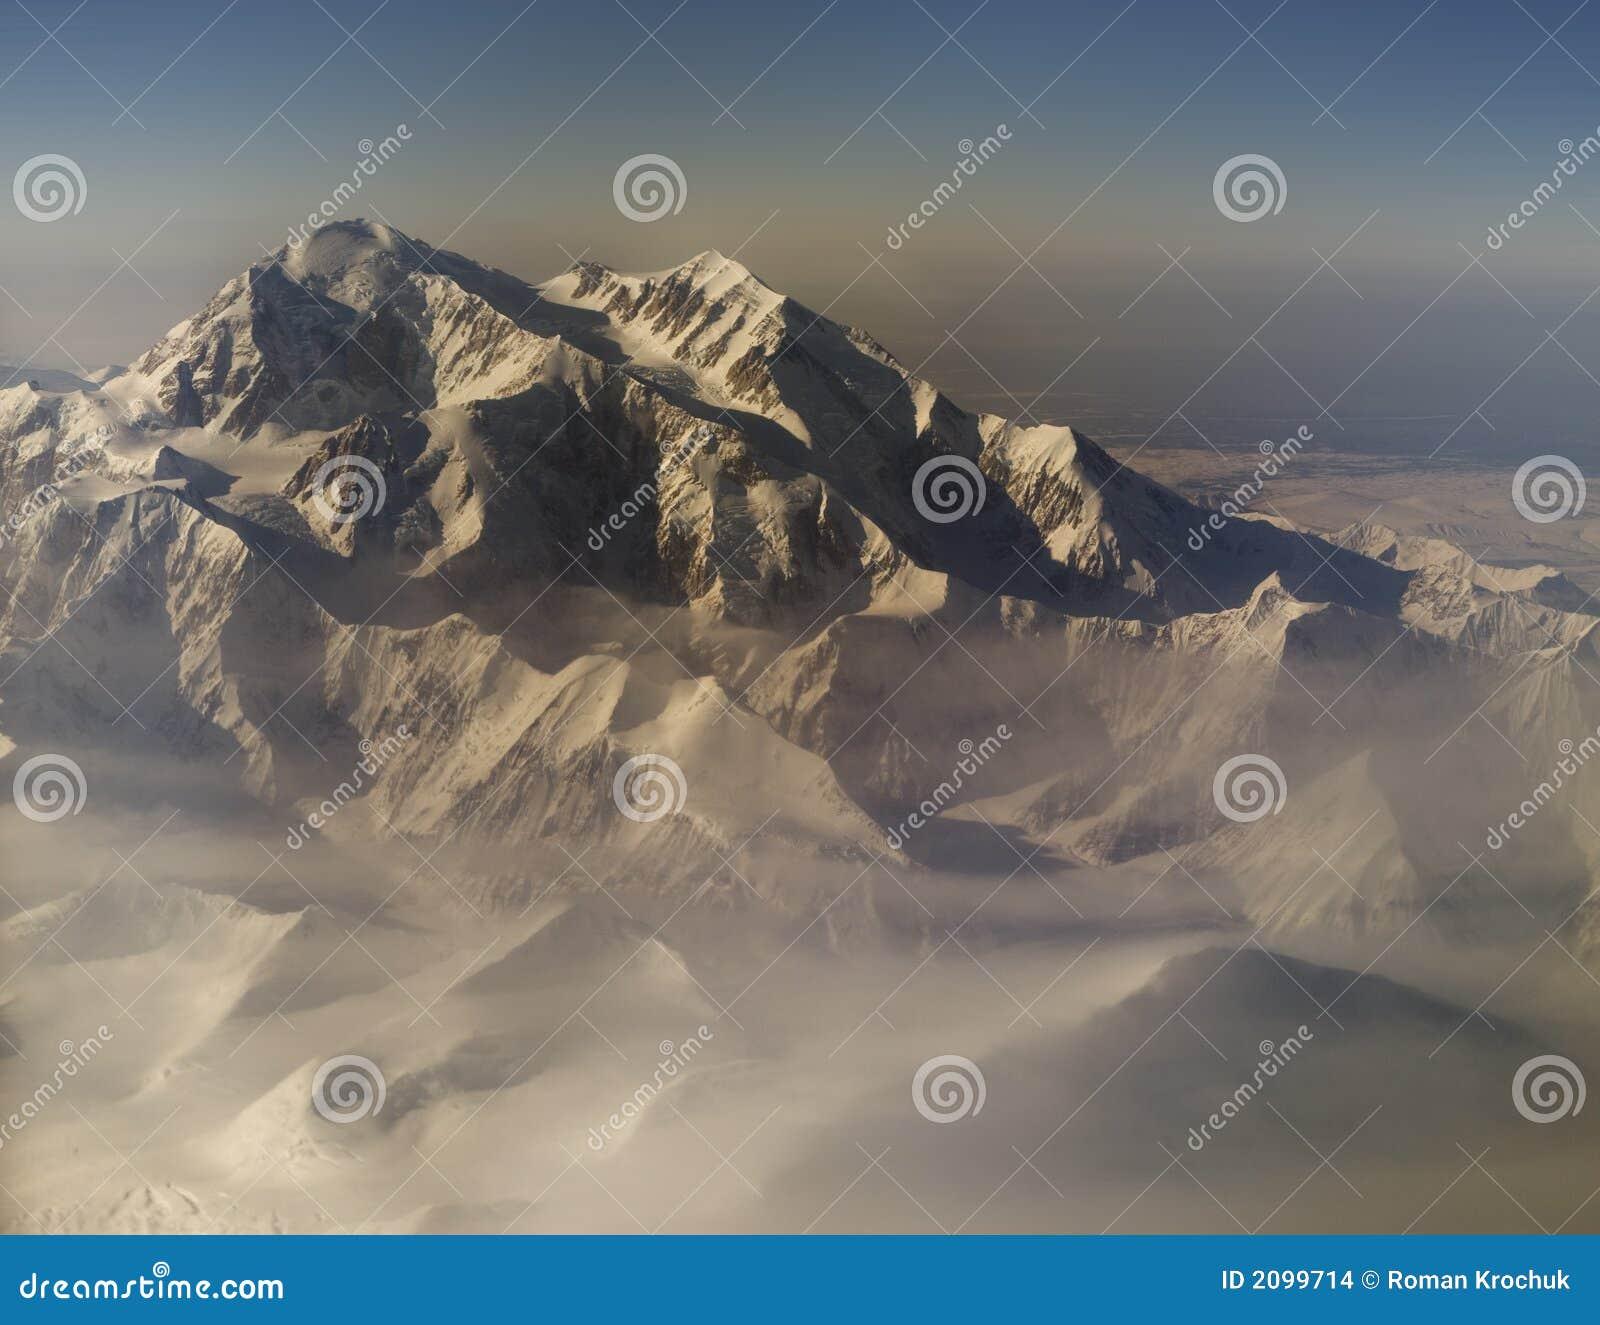 Mt. Denali